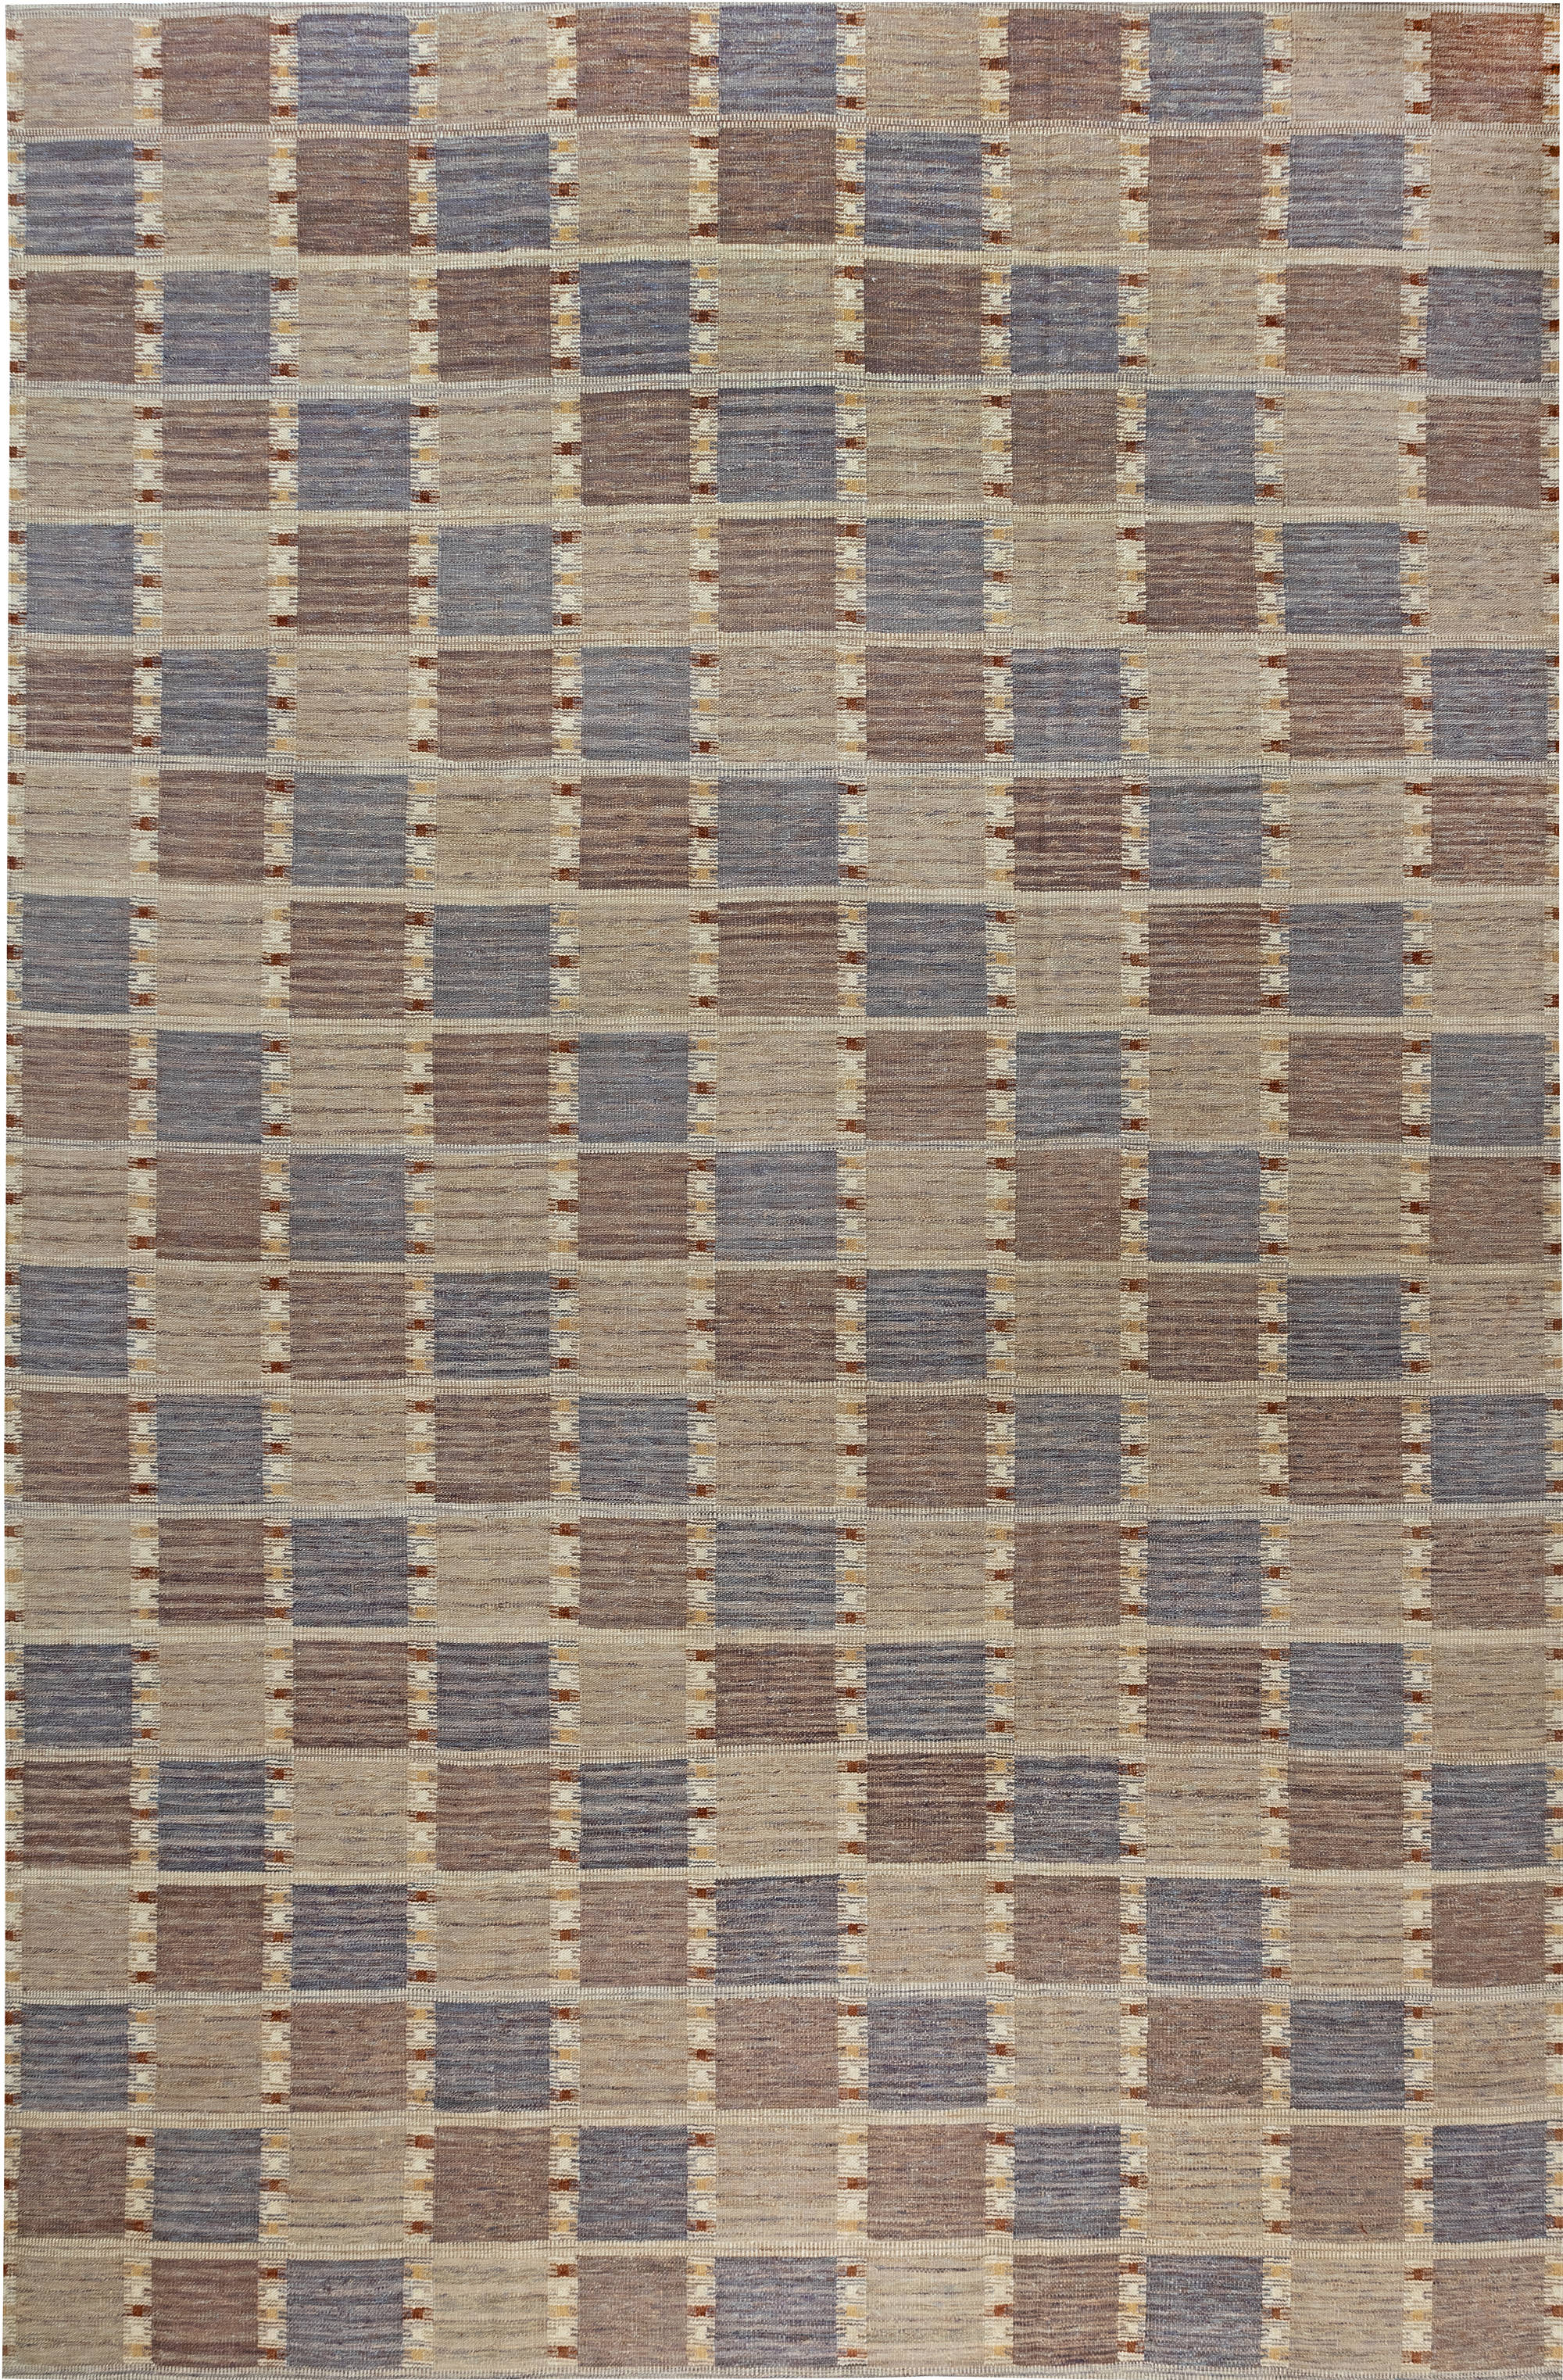 Swedish Flat Weave Rug N12054